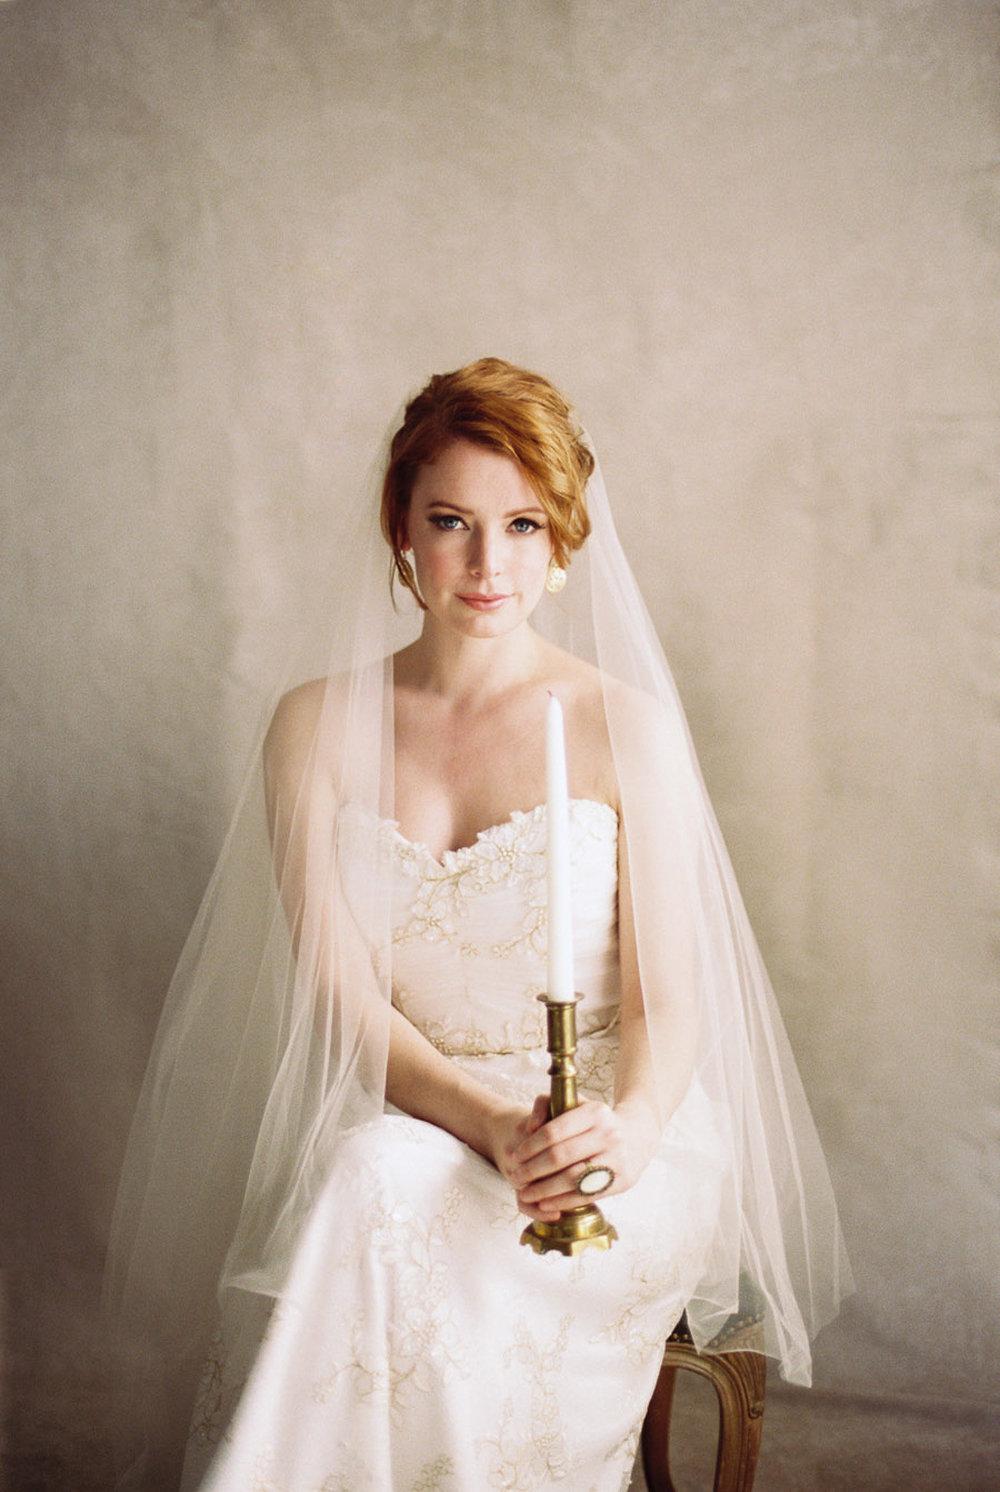 Lara_Lam_Vintage_Heirloom_wedding_photographer_Etablir_shop_vintage_rental66.jpg